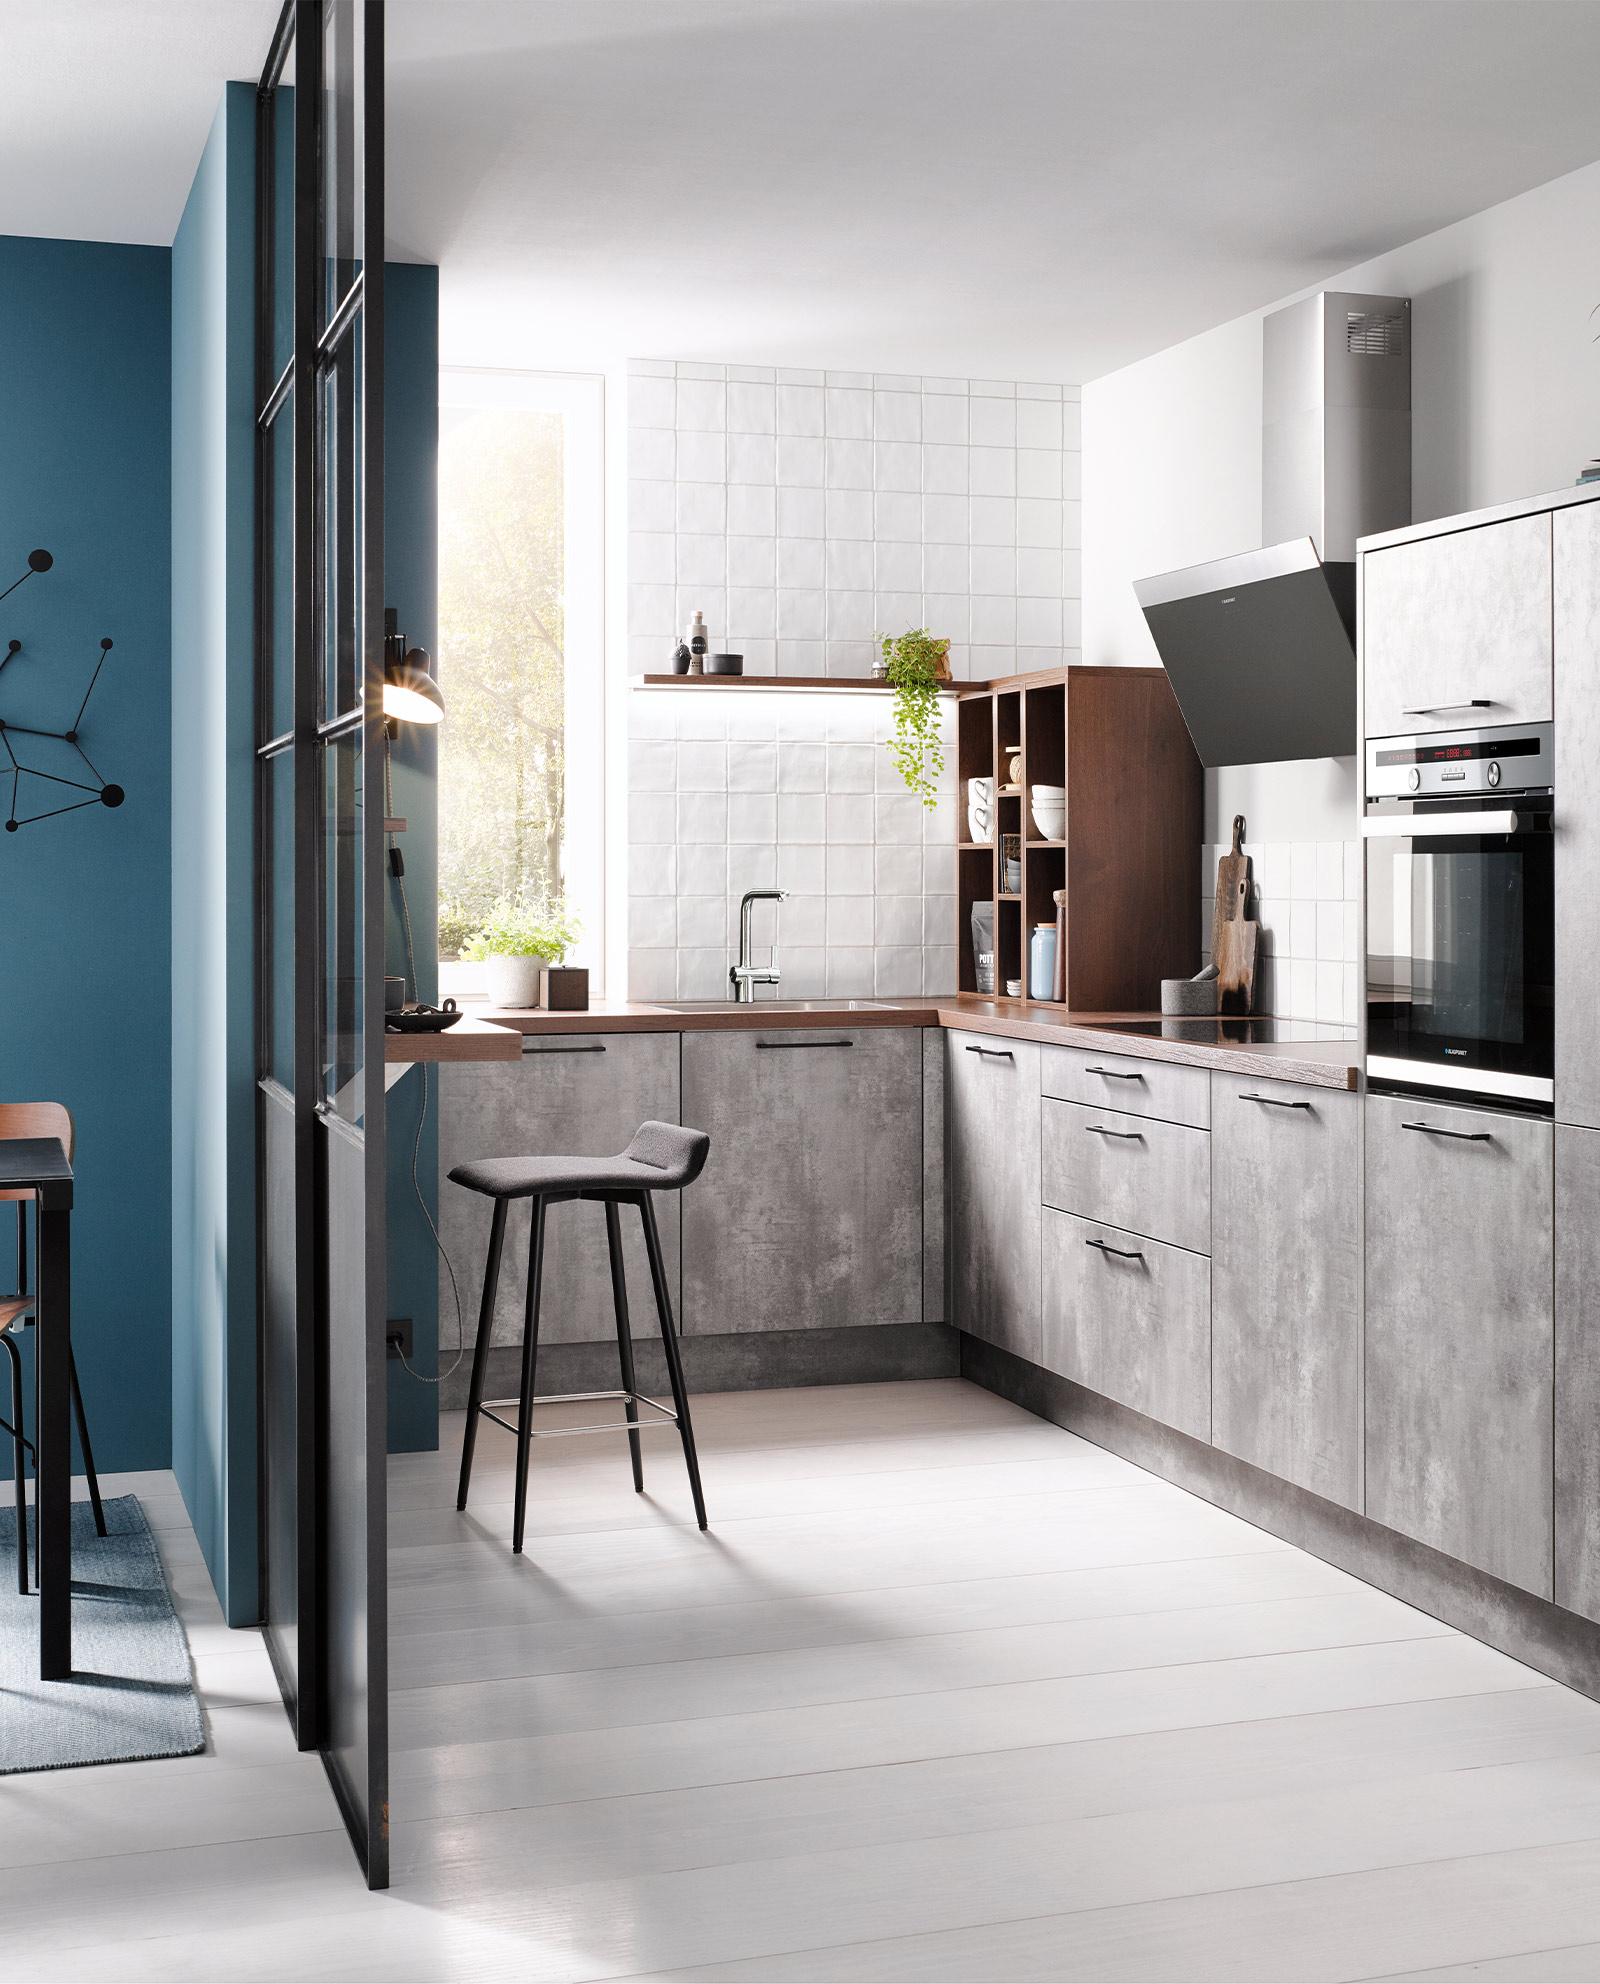 L-Küche in Steinoptik